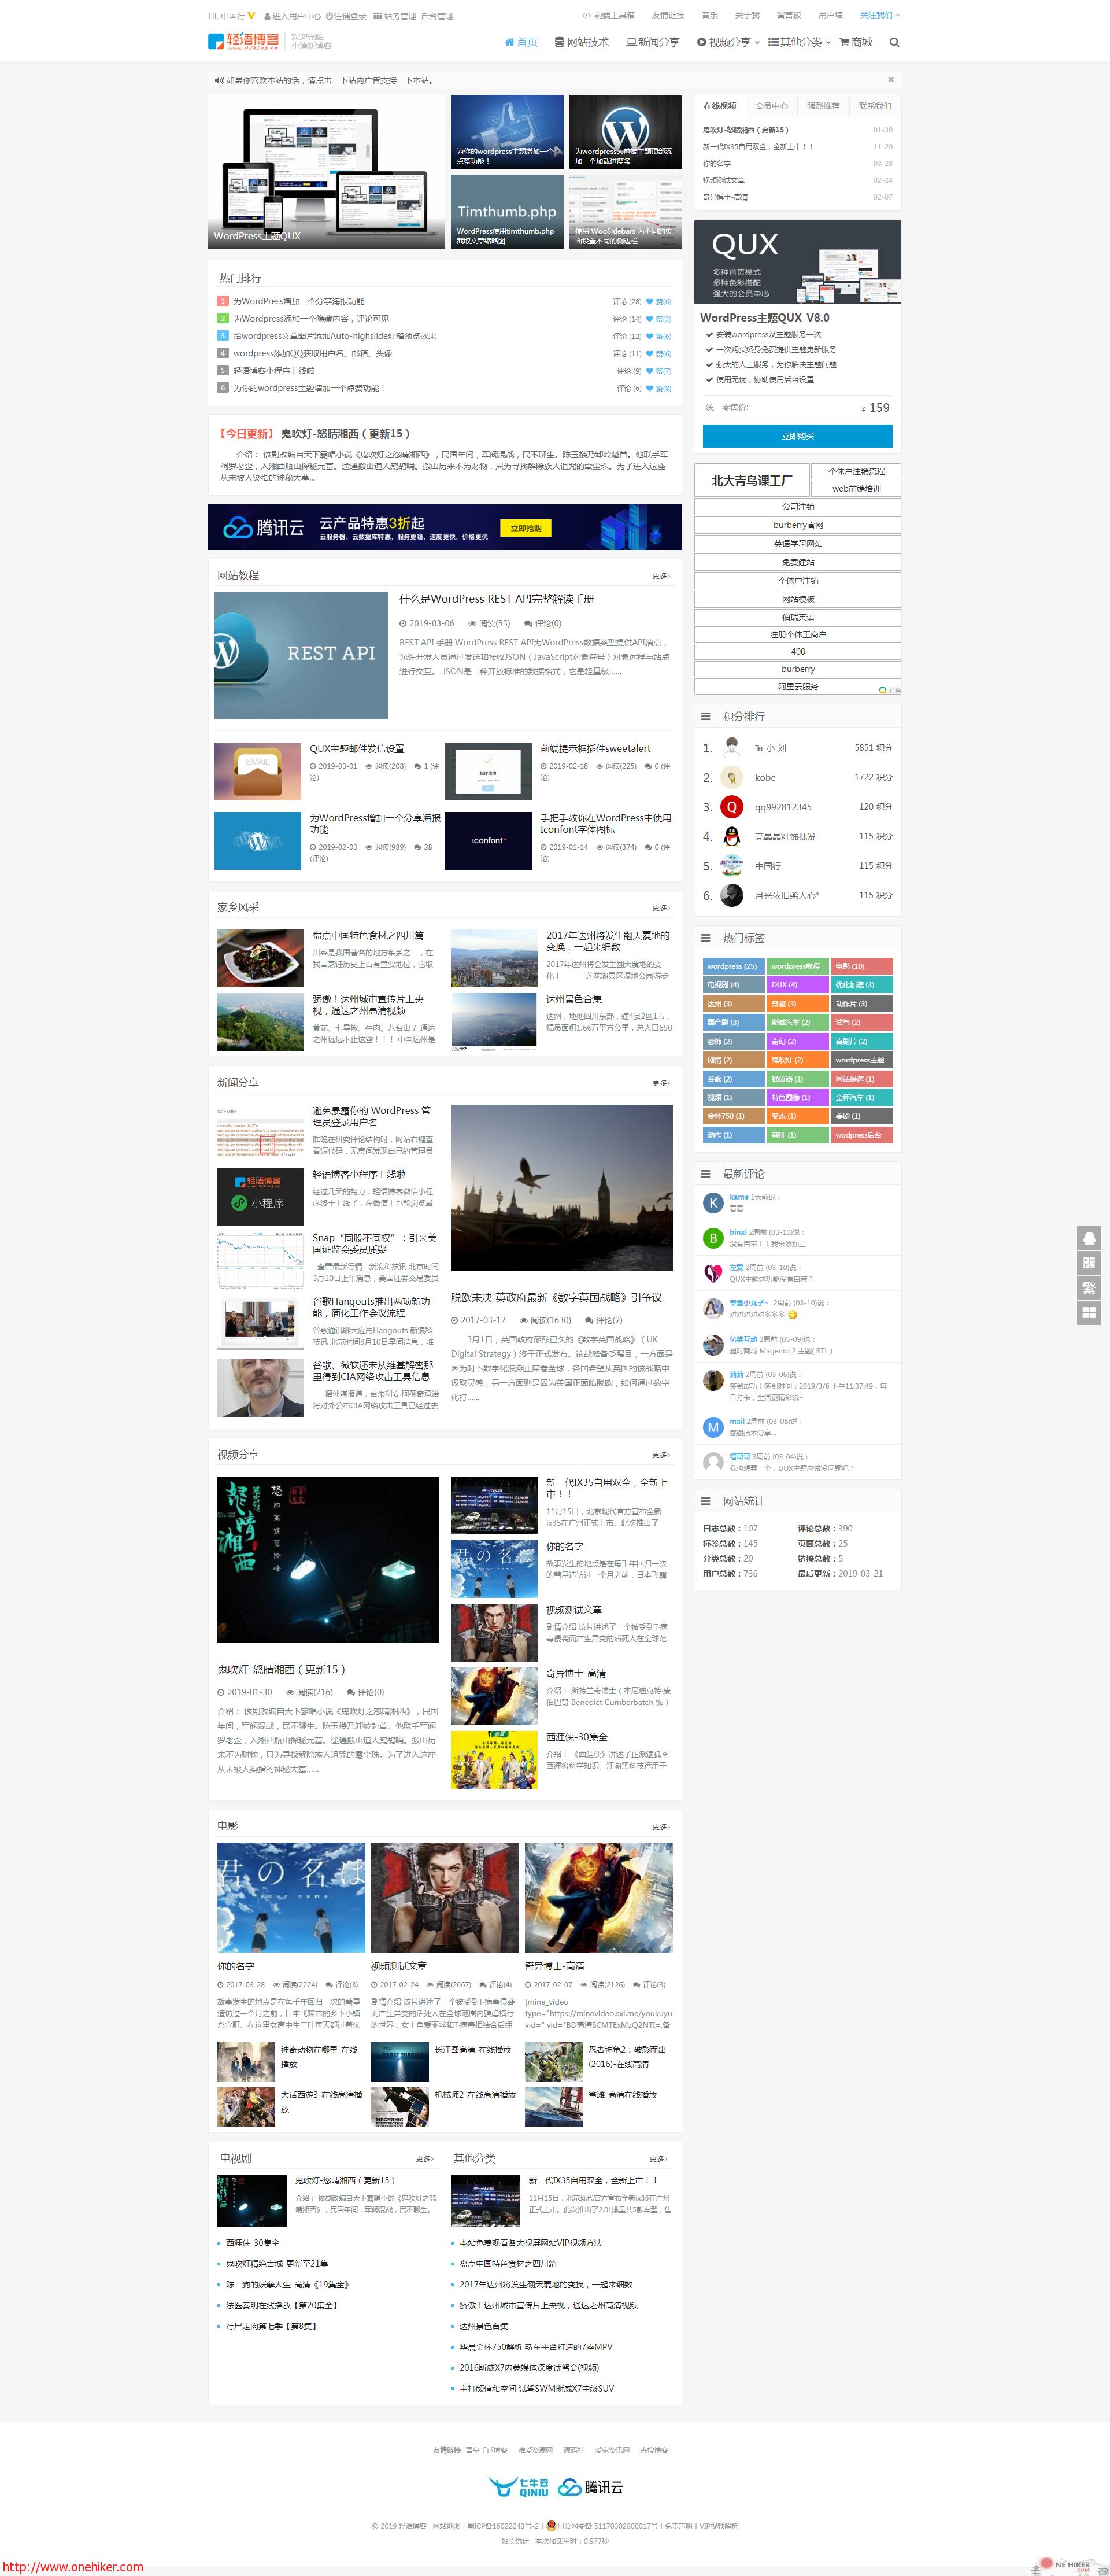 图片[1]-WordPress主题 QUX_plus_V9.1.6 无限制版 DUX主题 轻语博客加强版-金瓦刀